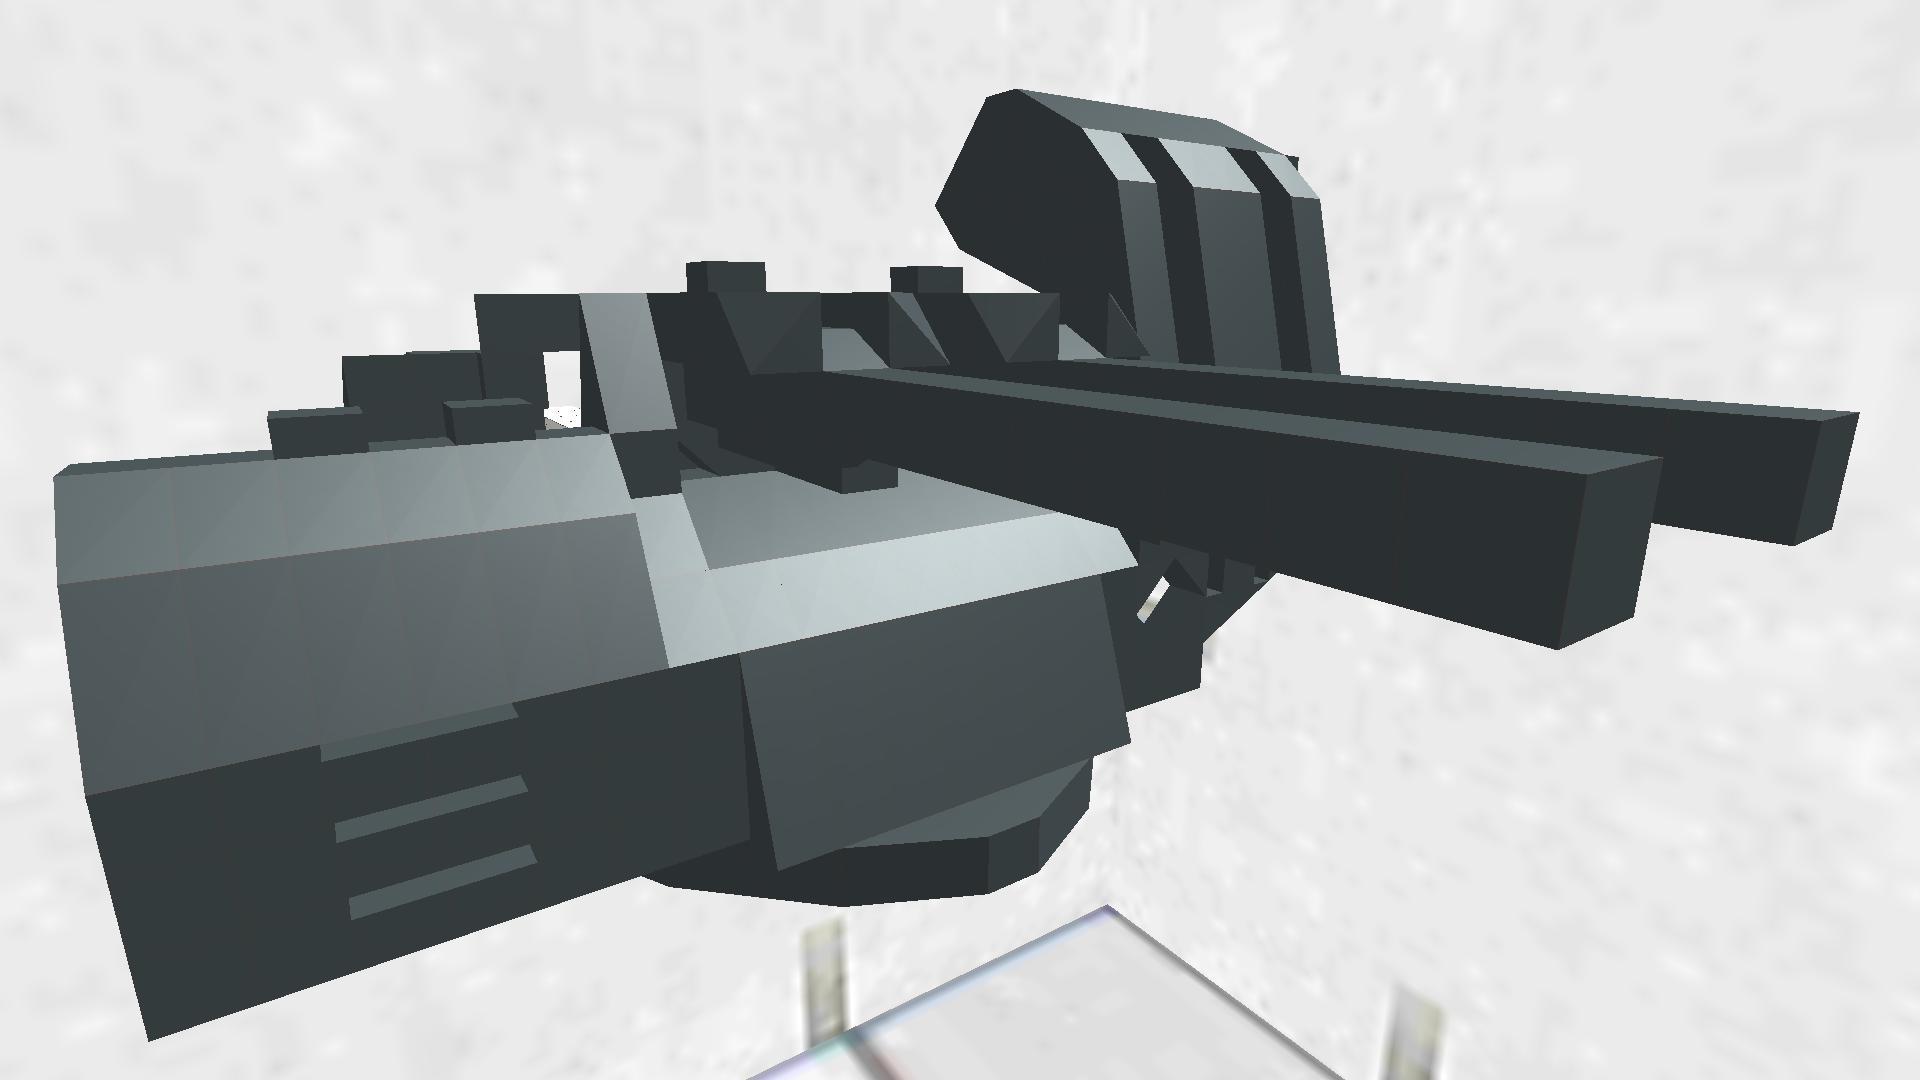 四十口径八九式十二糎七高角砲